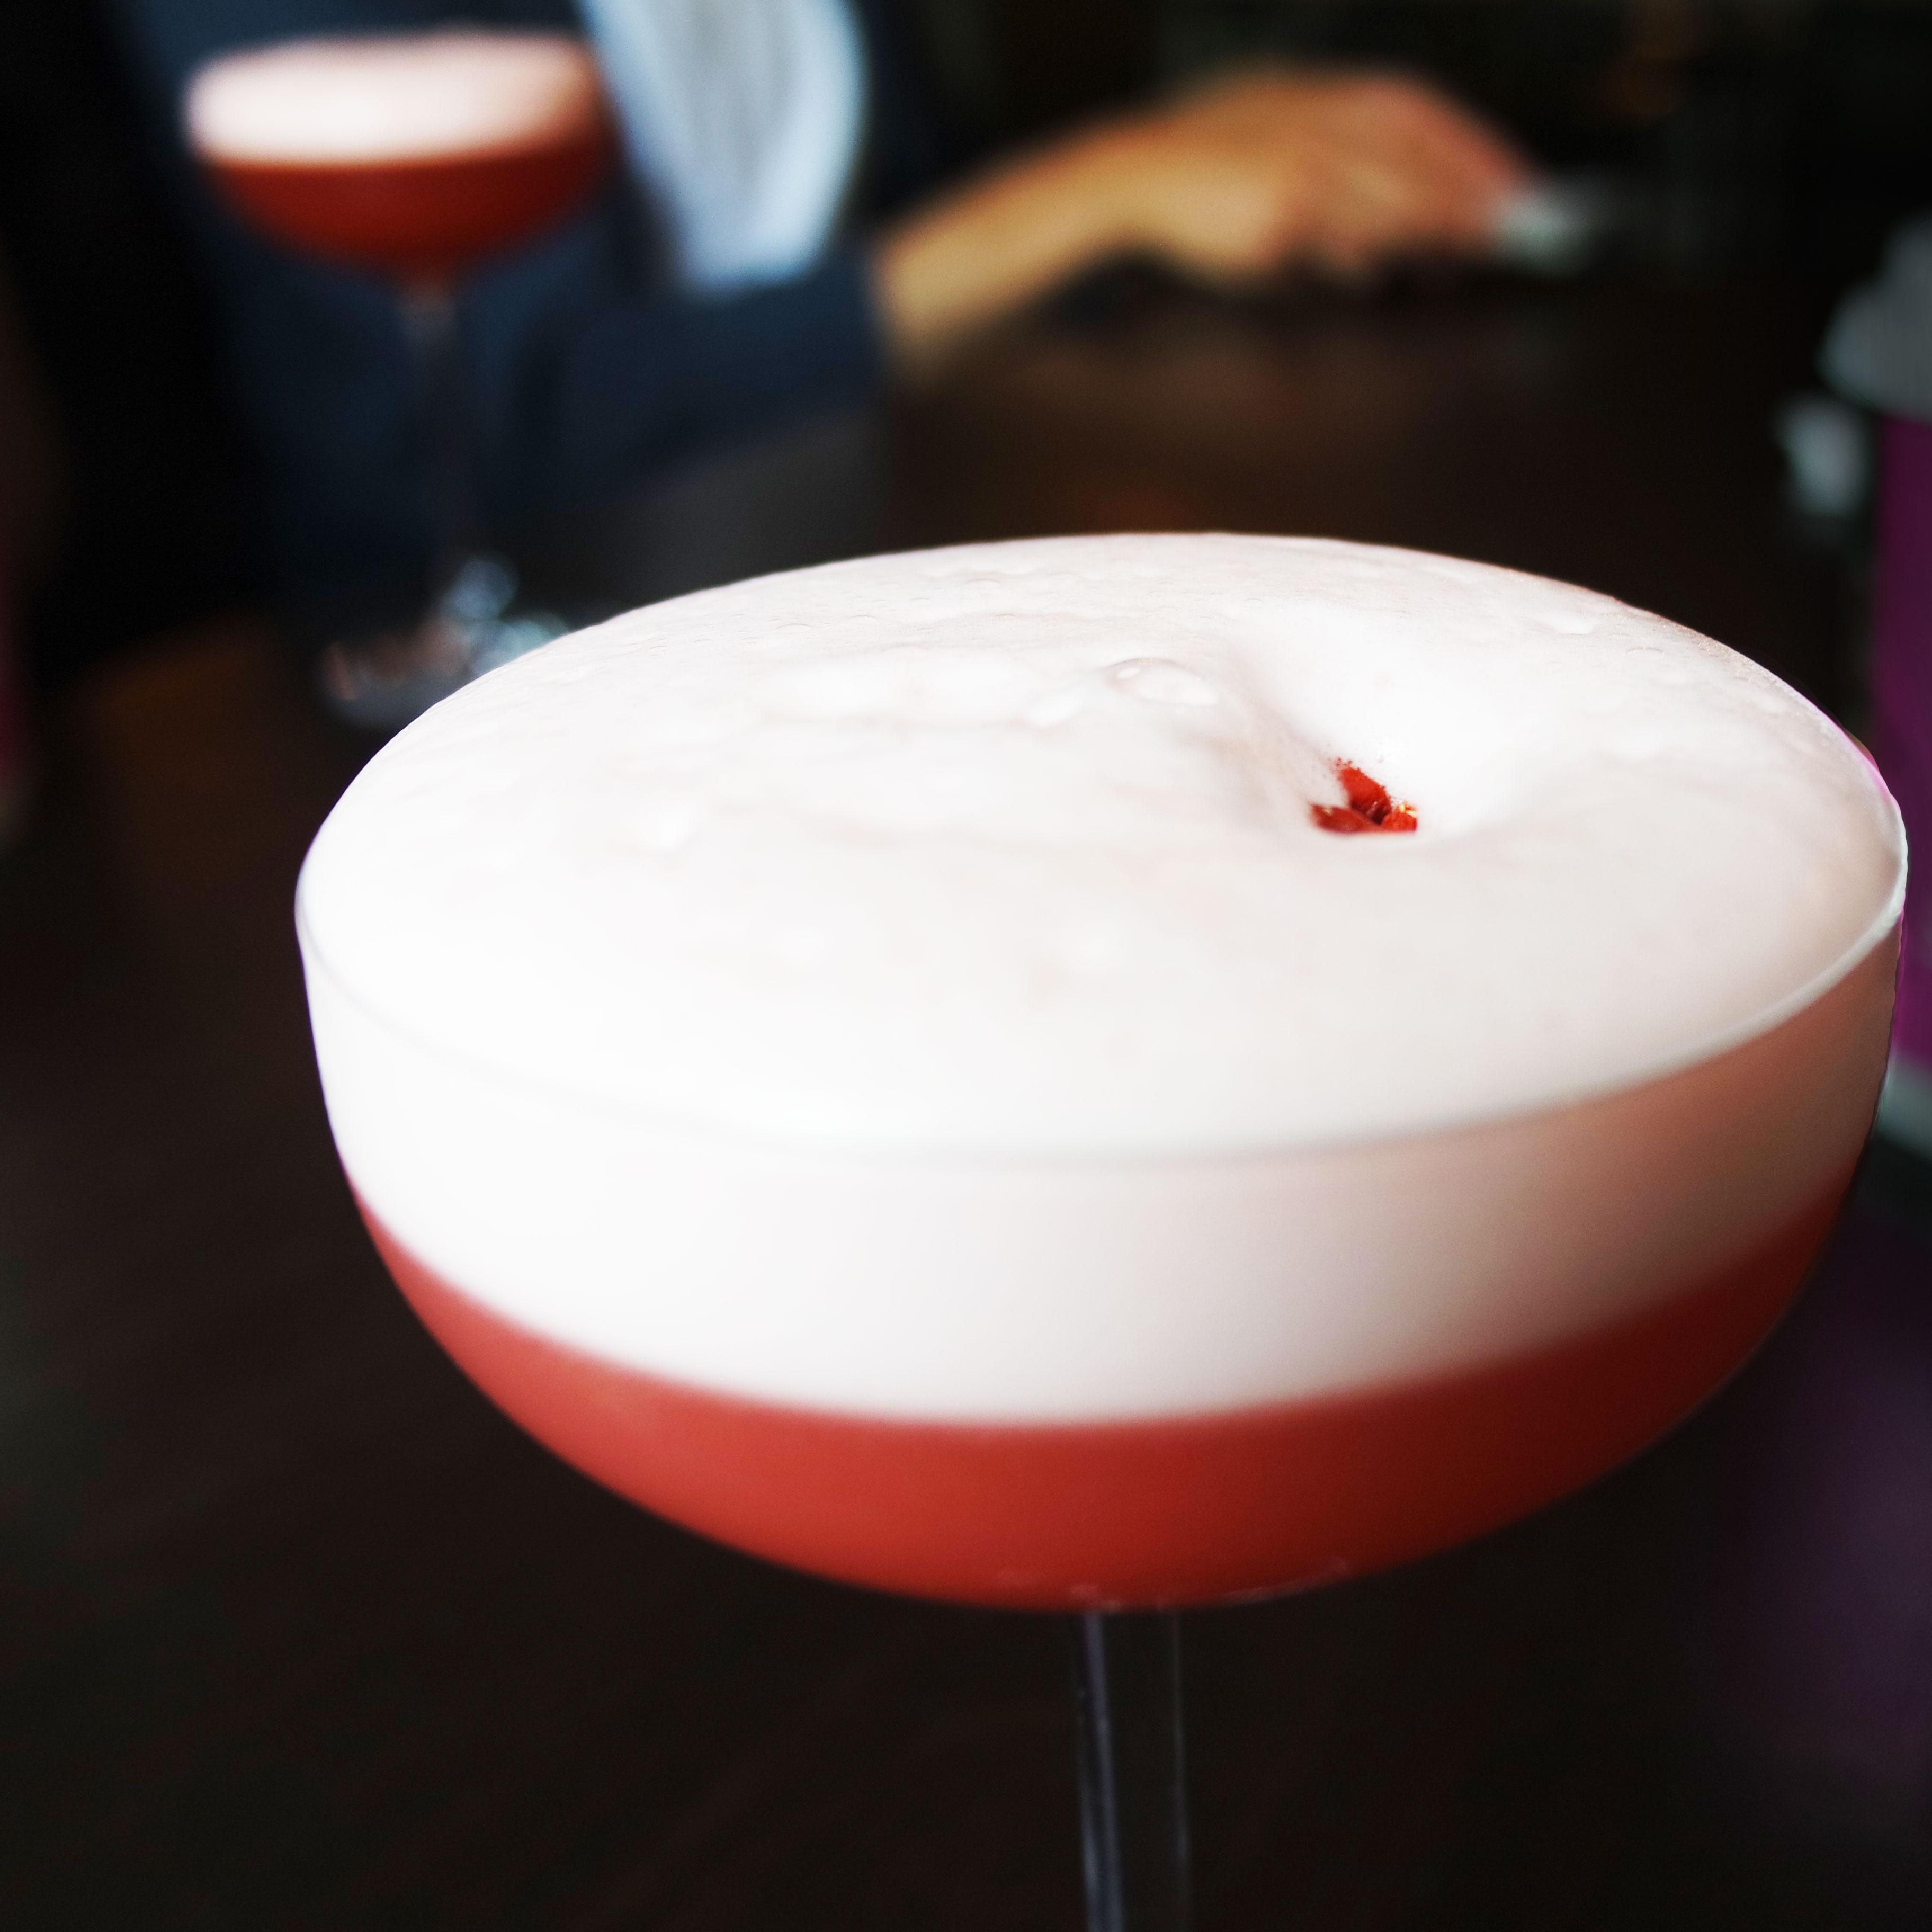 food-tour-montréal-ville-thé-sommelier-expérience-tea-cocktail-bar